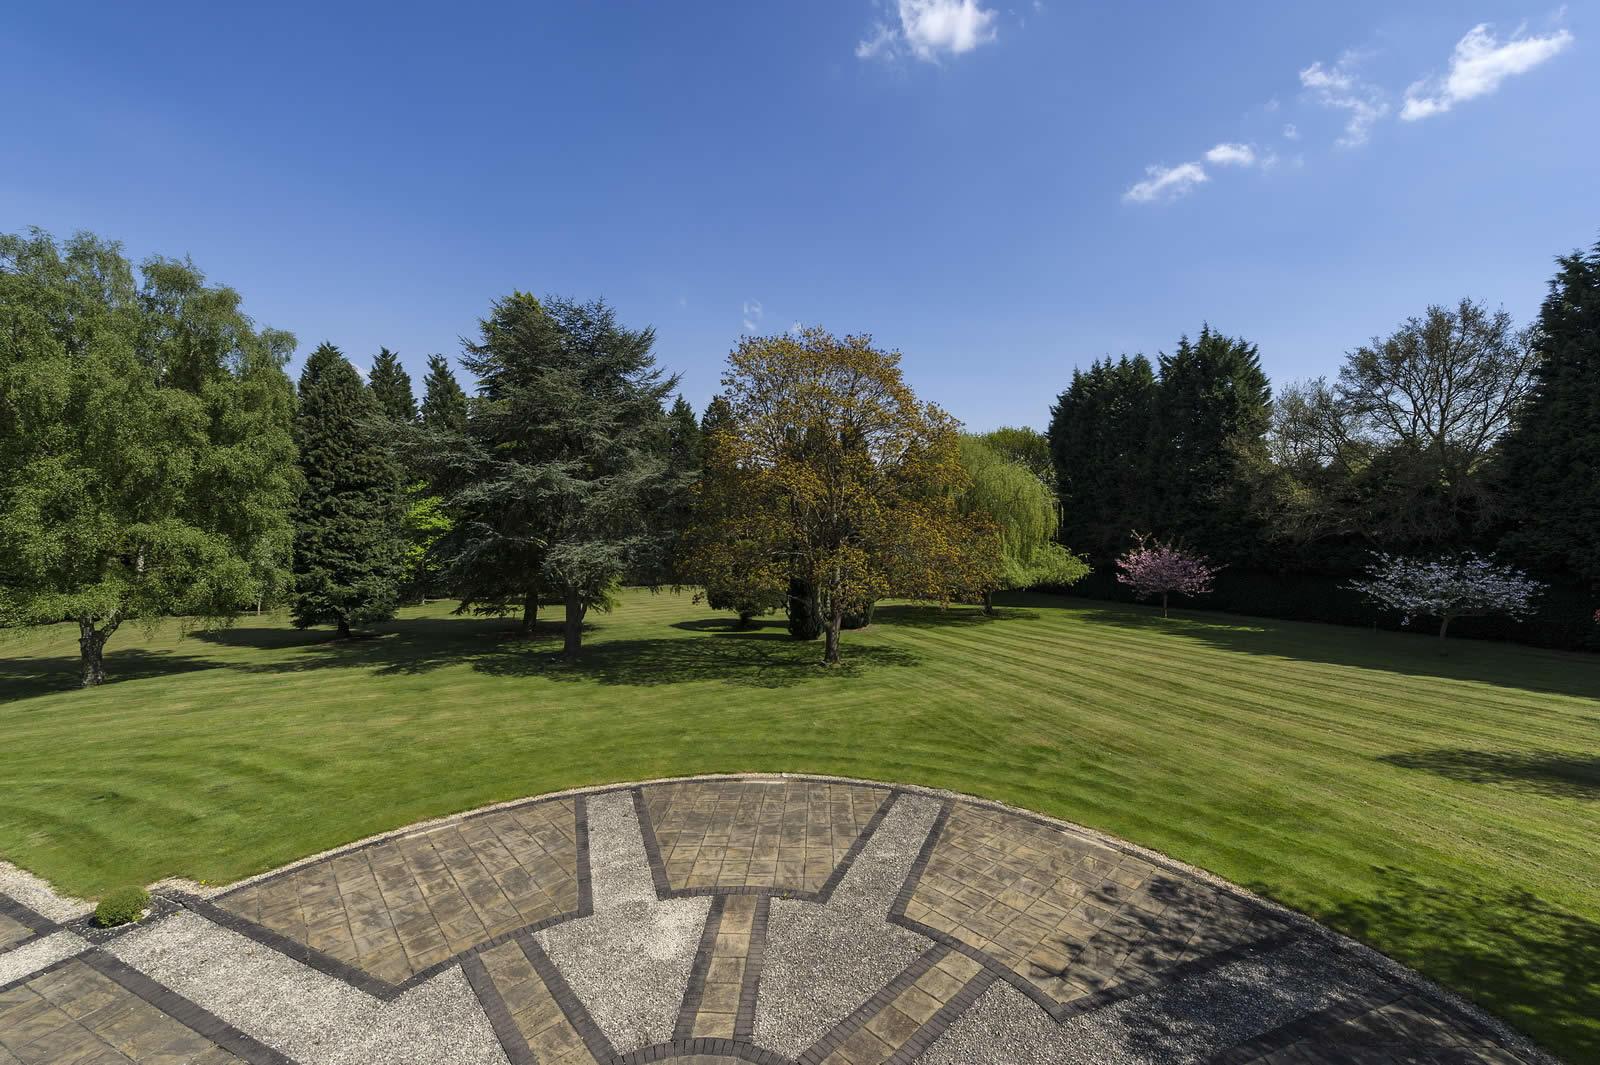 propriete-exceptionnelle-a-vendre-surrey-wentworth-golf-club-west-course-piscine-jacuzzi-sauna